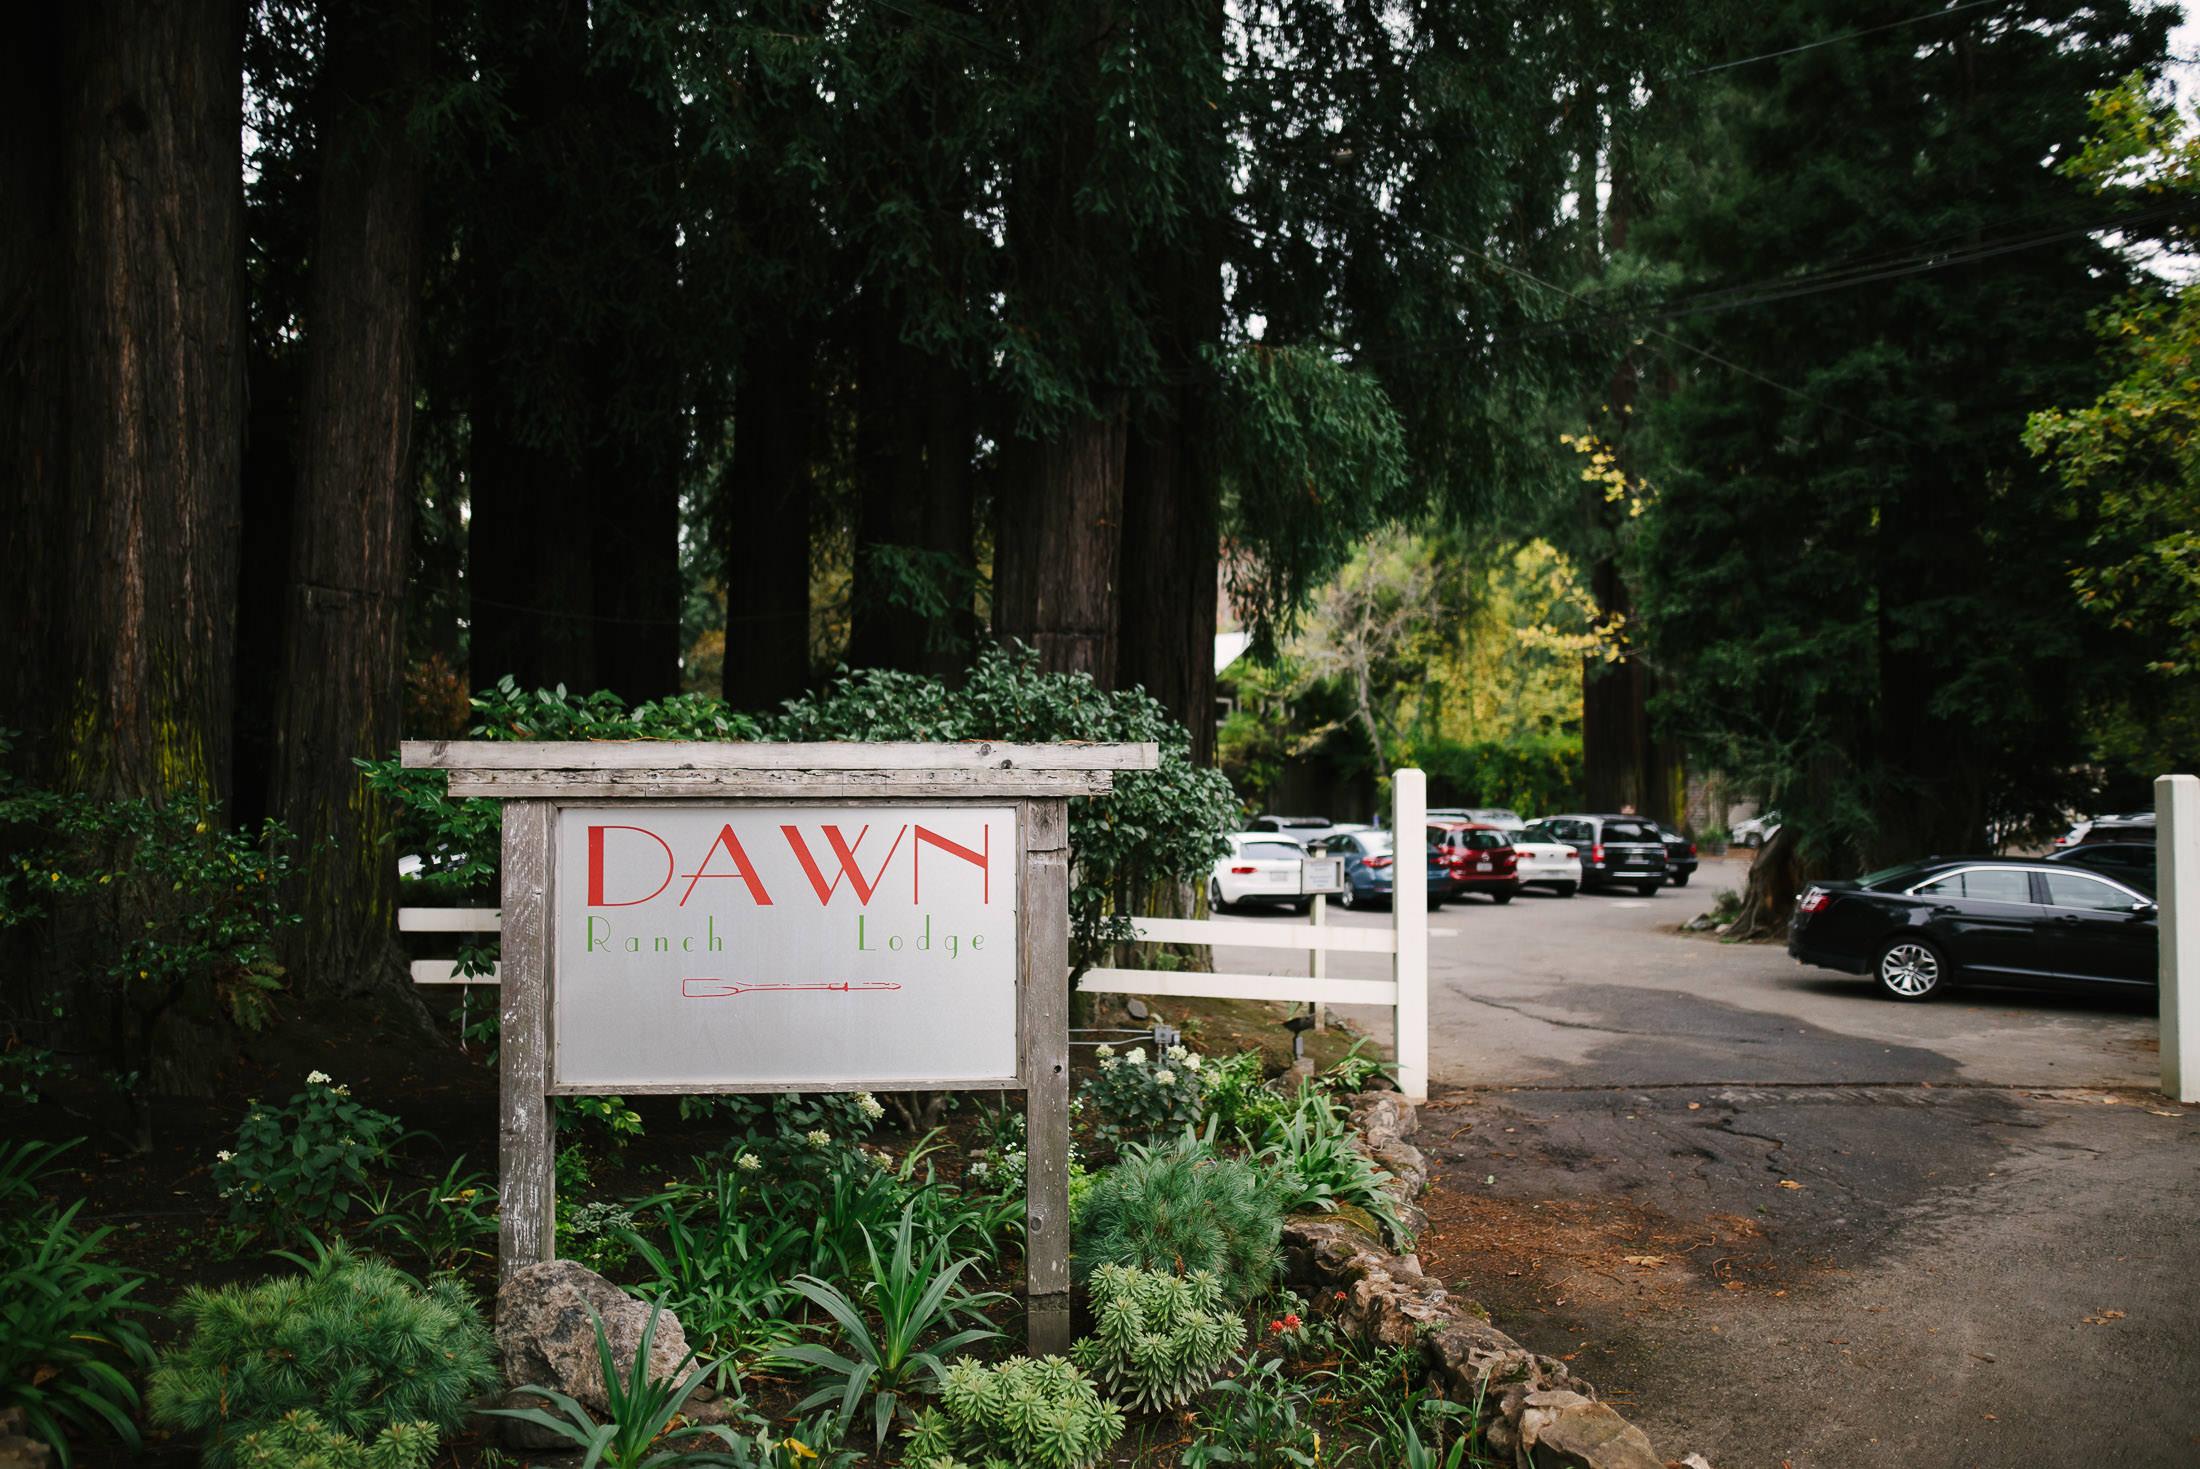 Dawn Ranch Wedding entrance